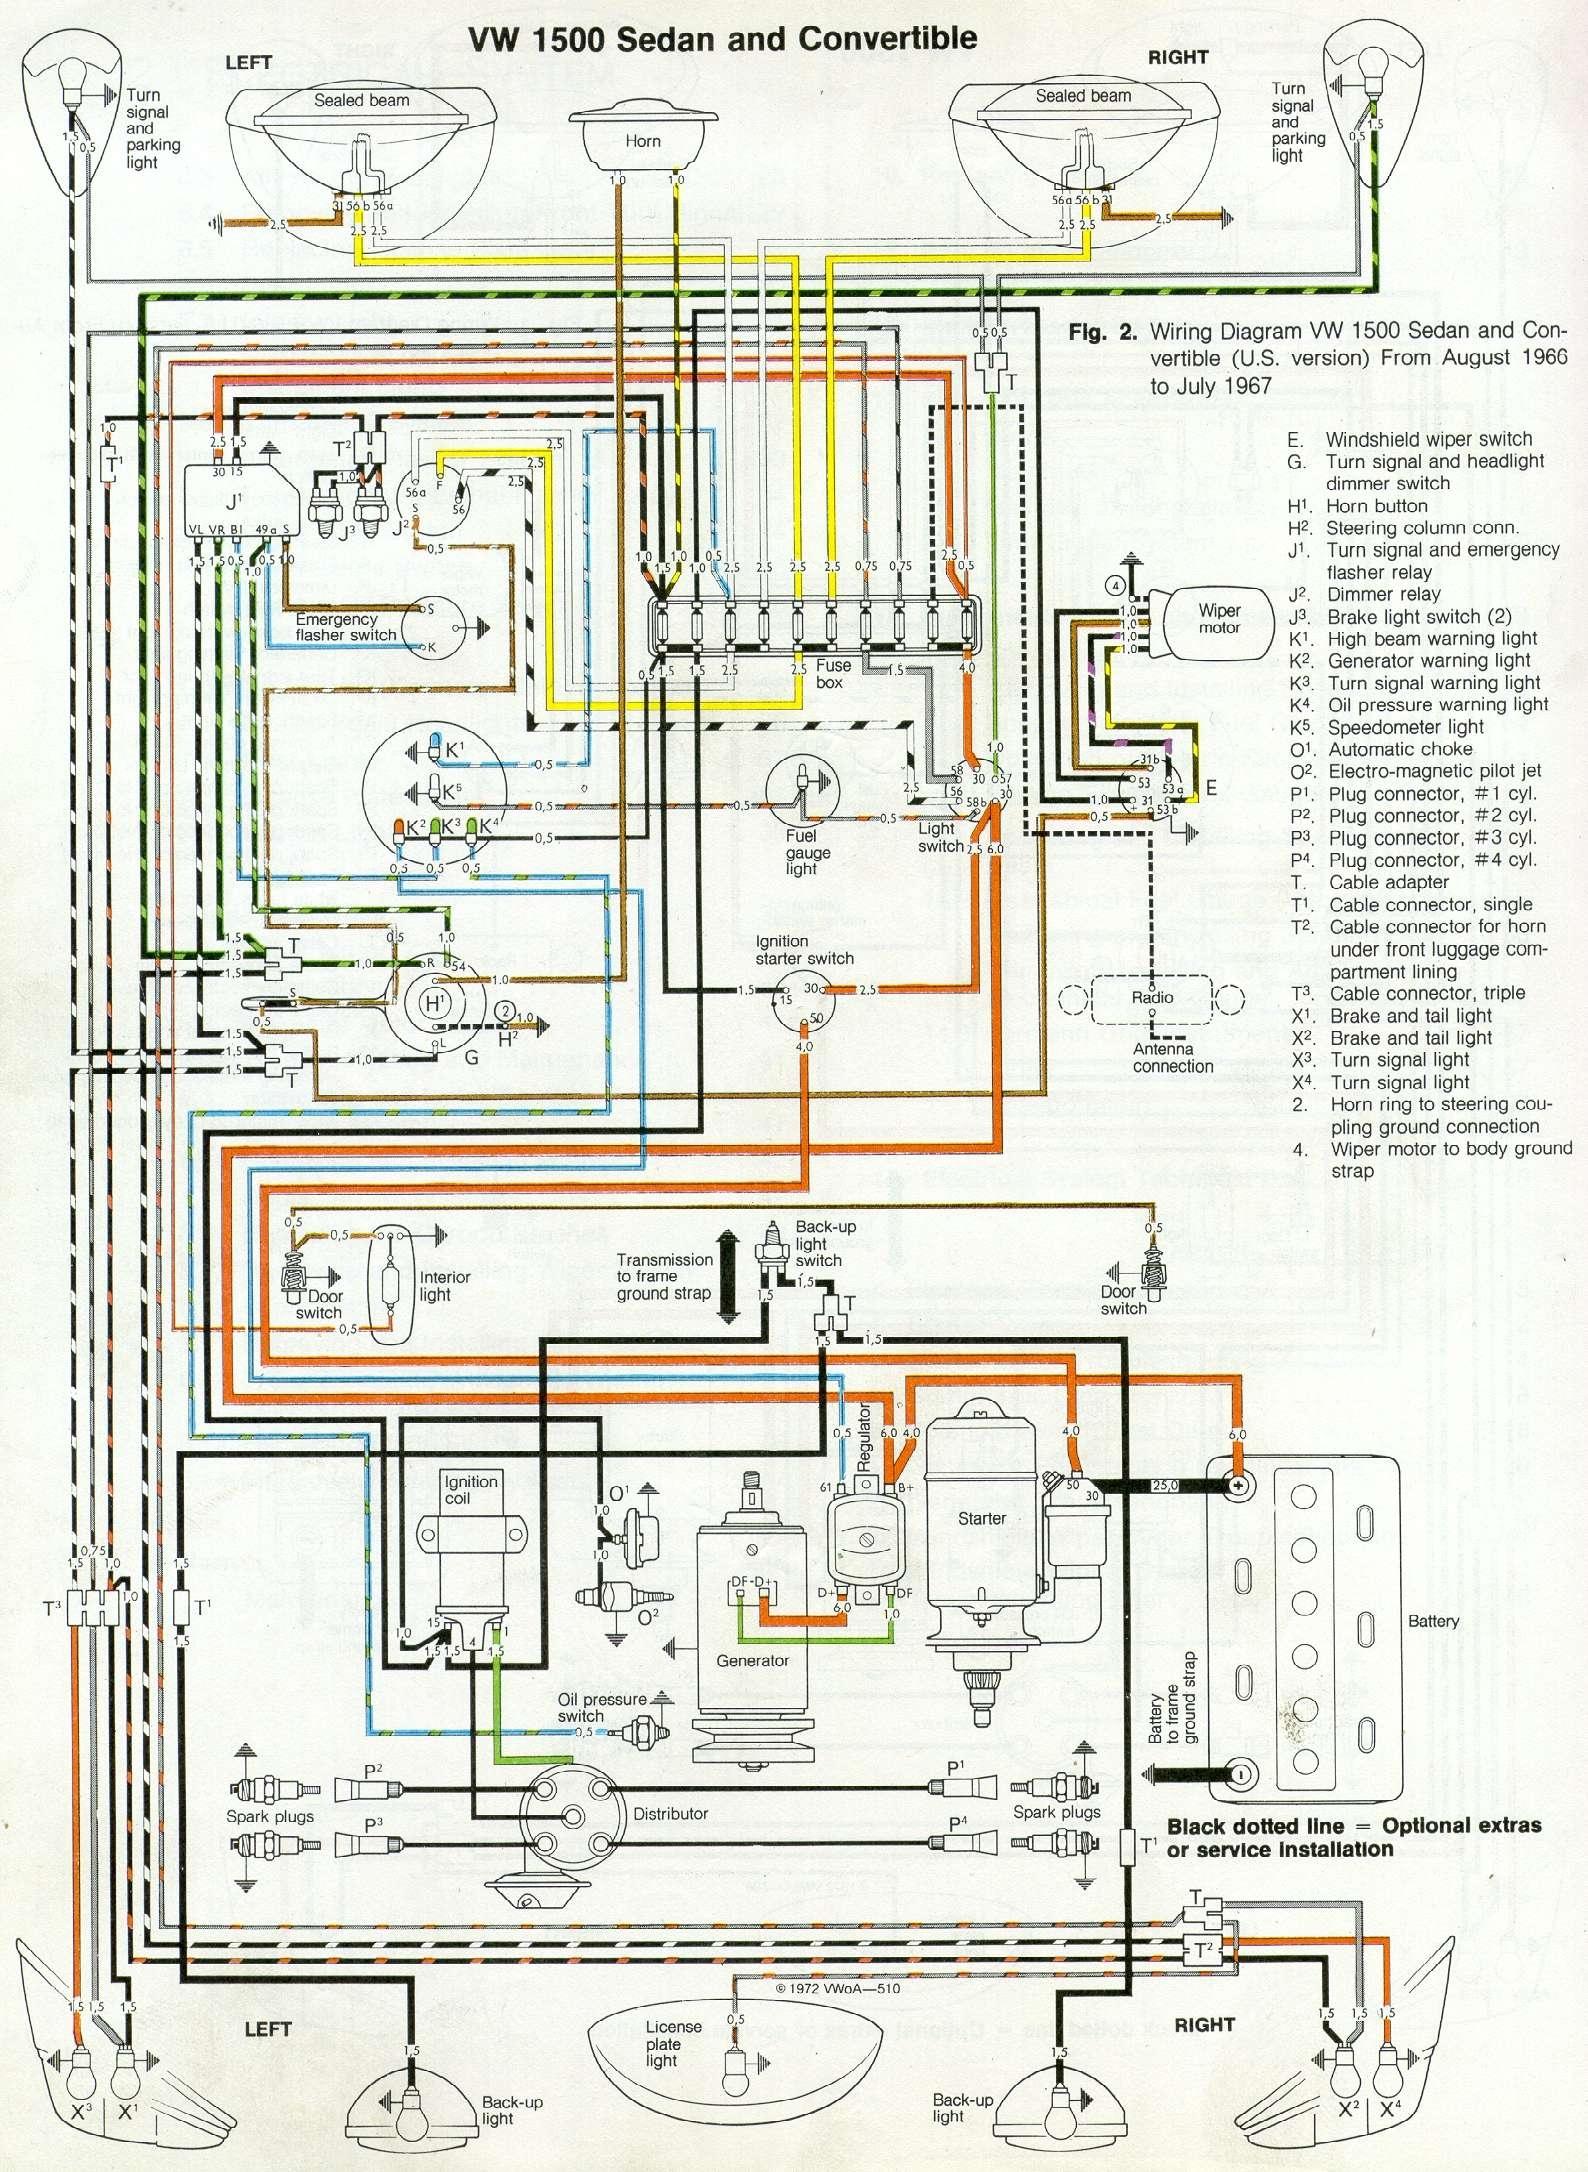 66 vw bug wiring diagram wiring diagram specialties66 vw bug wiring diagram